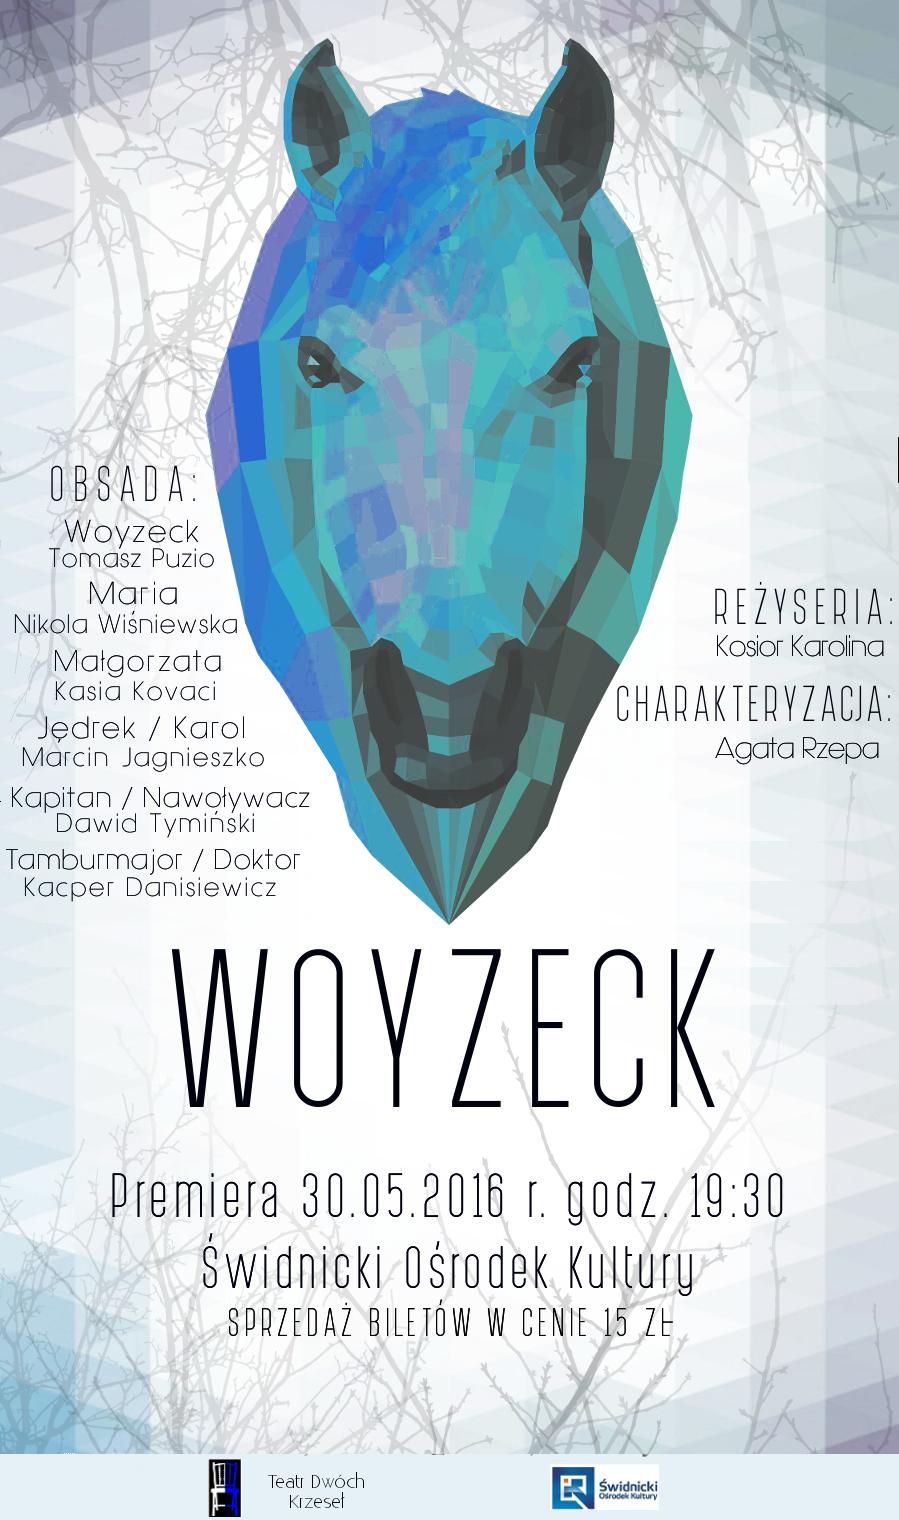 Woyzeck u2013 spektakl teatralny u015awidnicki O u015brodek Kultury